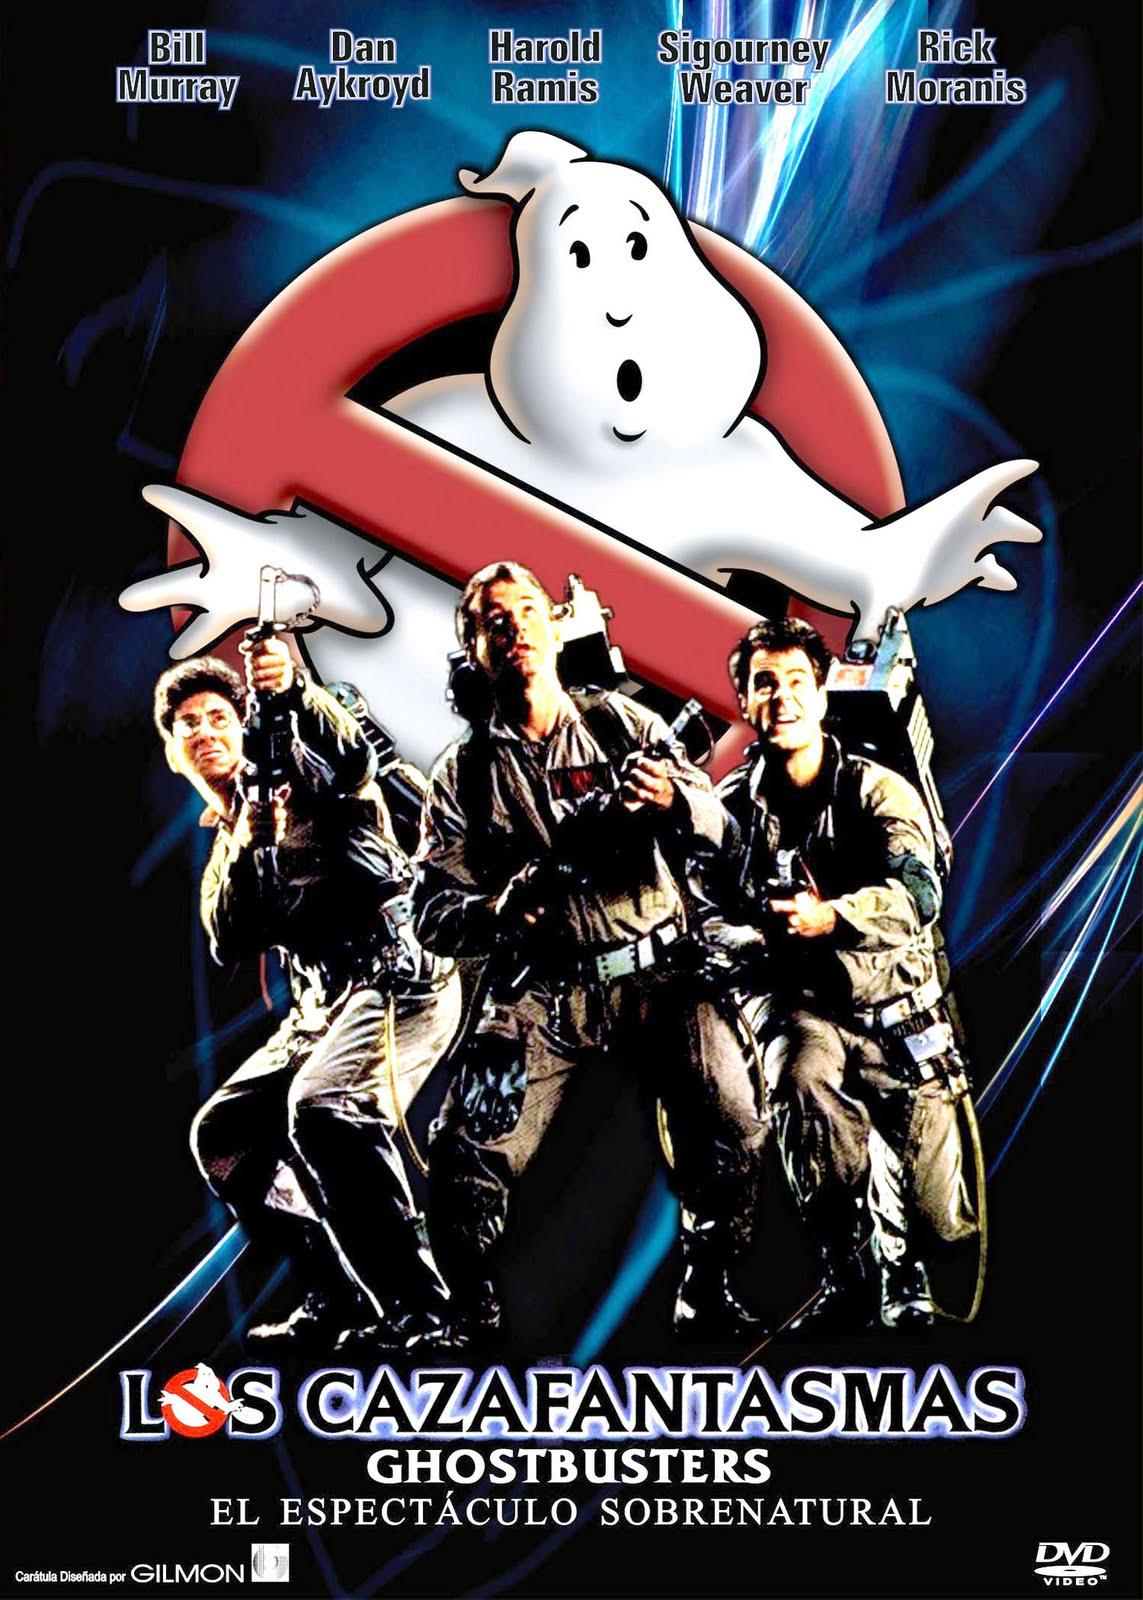 Los Cazafantasmas 1 (Ghostbusters) (1984)